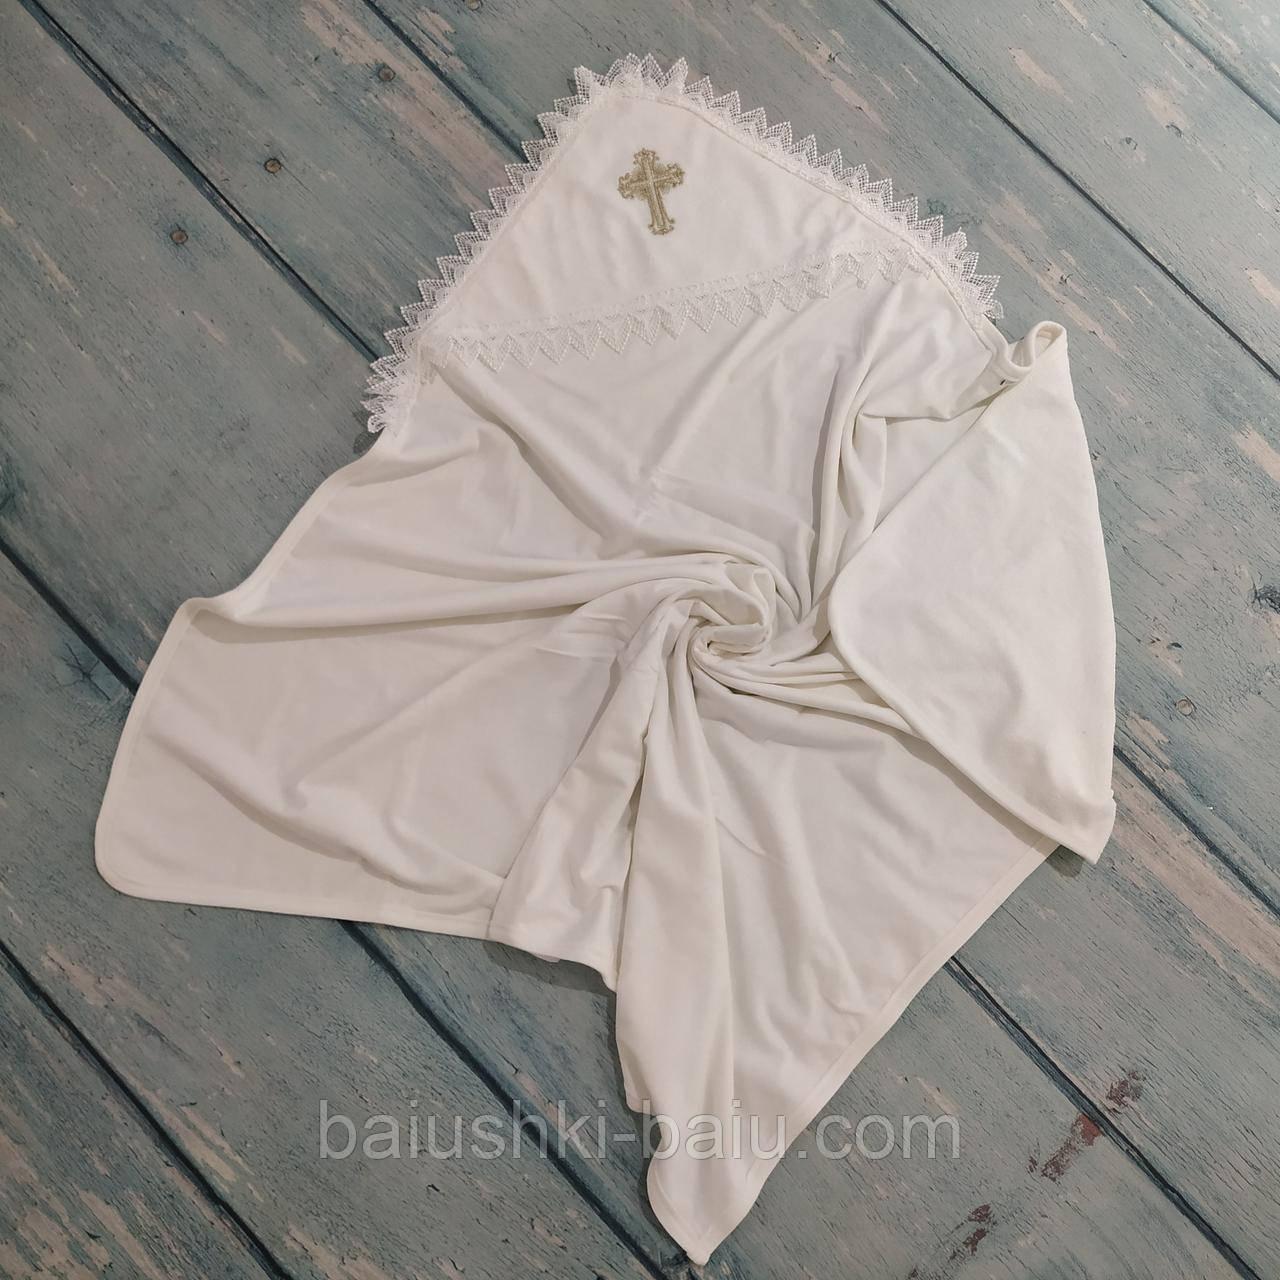 """Крыжма (крестильное полотенце) для крещения c уголком (махра/кулир), ТМ """"Lari"""""""